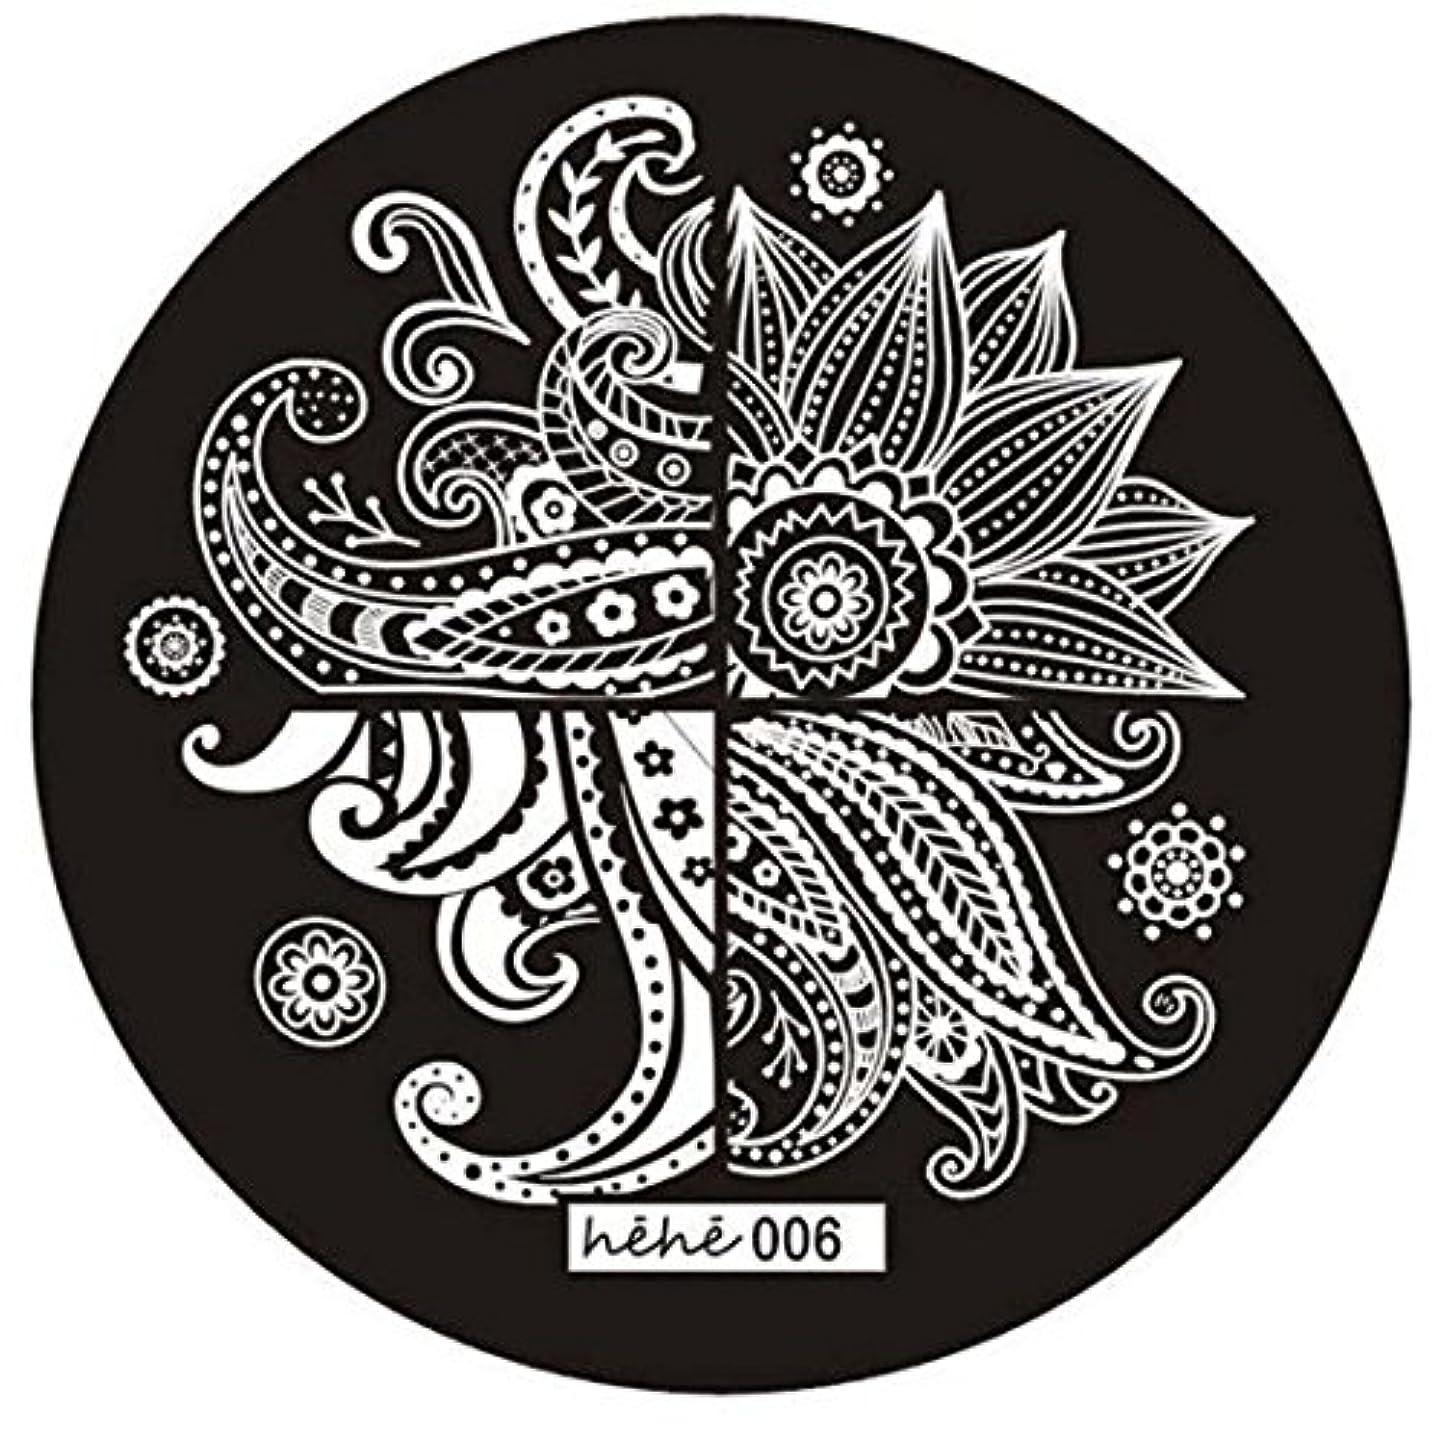 間隔野心スライスACAMPTAR 女の子のネイルアートパターンのイメージスタンプ プレートテンプレートマニキュア006